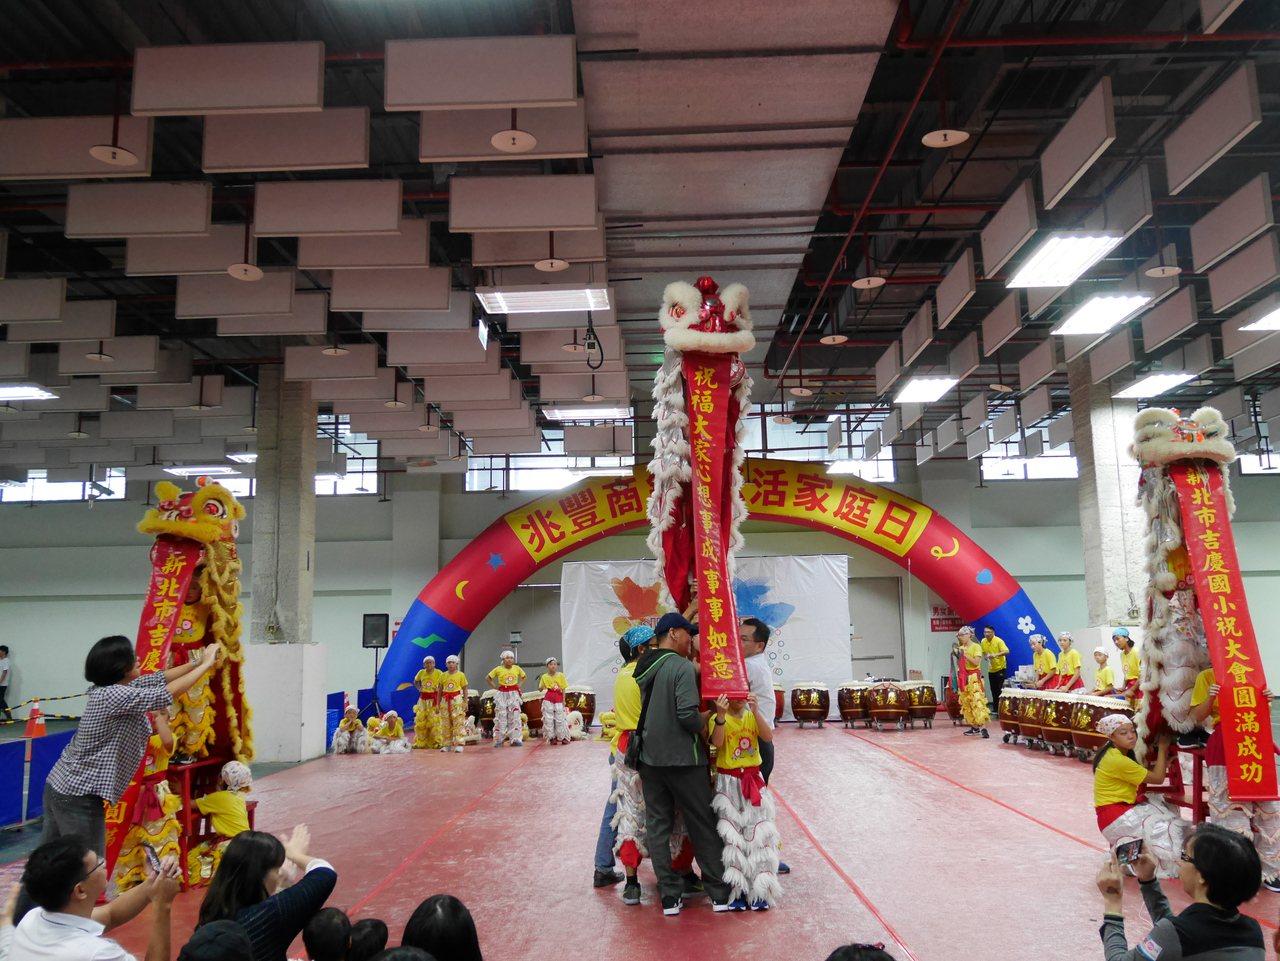 新北市瑞芳區吉慶國小擂鼓舞獅隊精彩表演,獲得如雷掌聲。 記者吳思萍/攝影